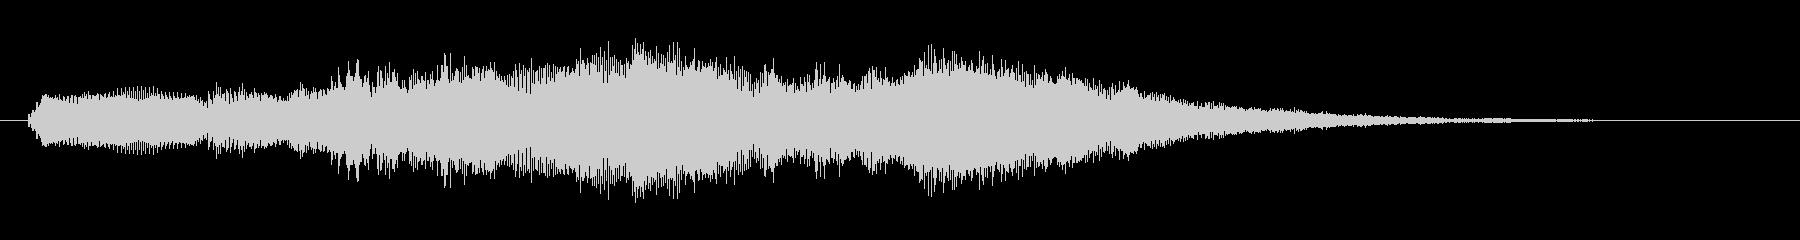 壮大なシンセサイザーのサウンドロゴの未再生の波形